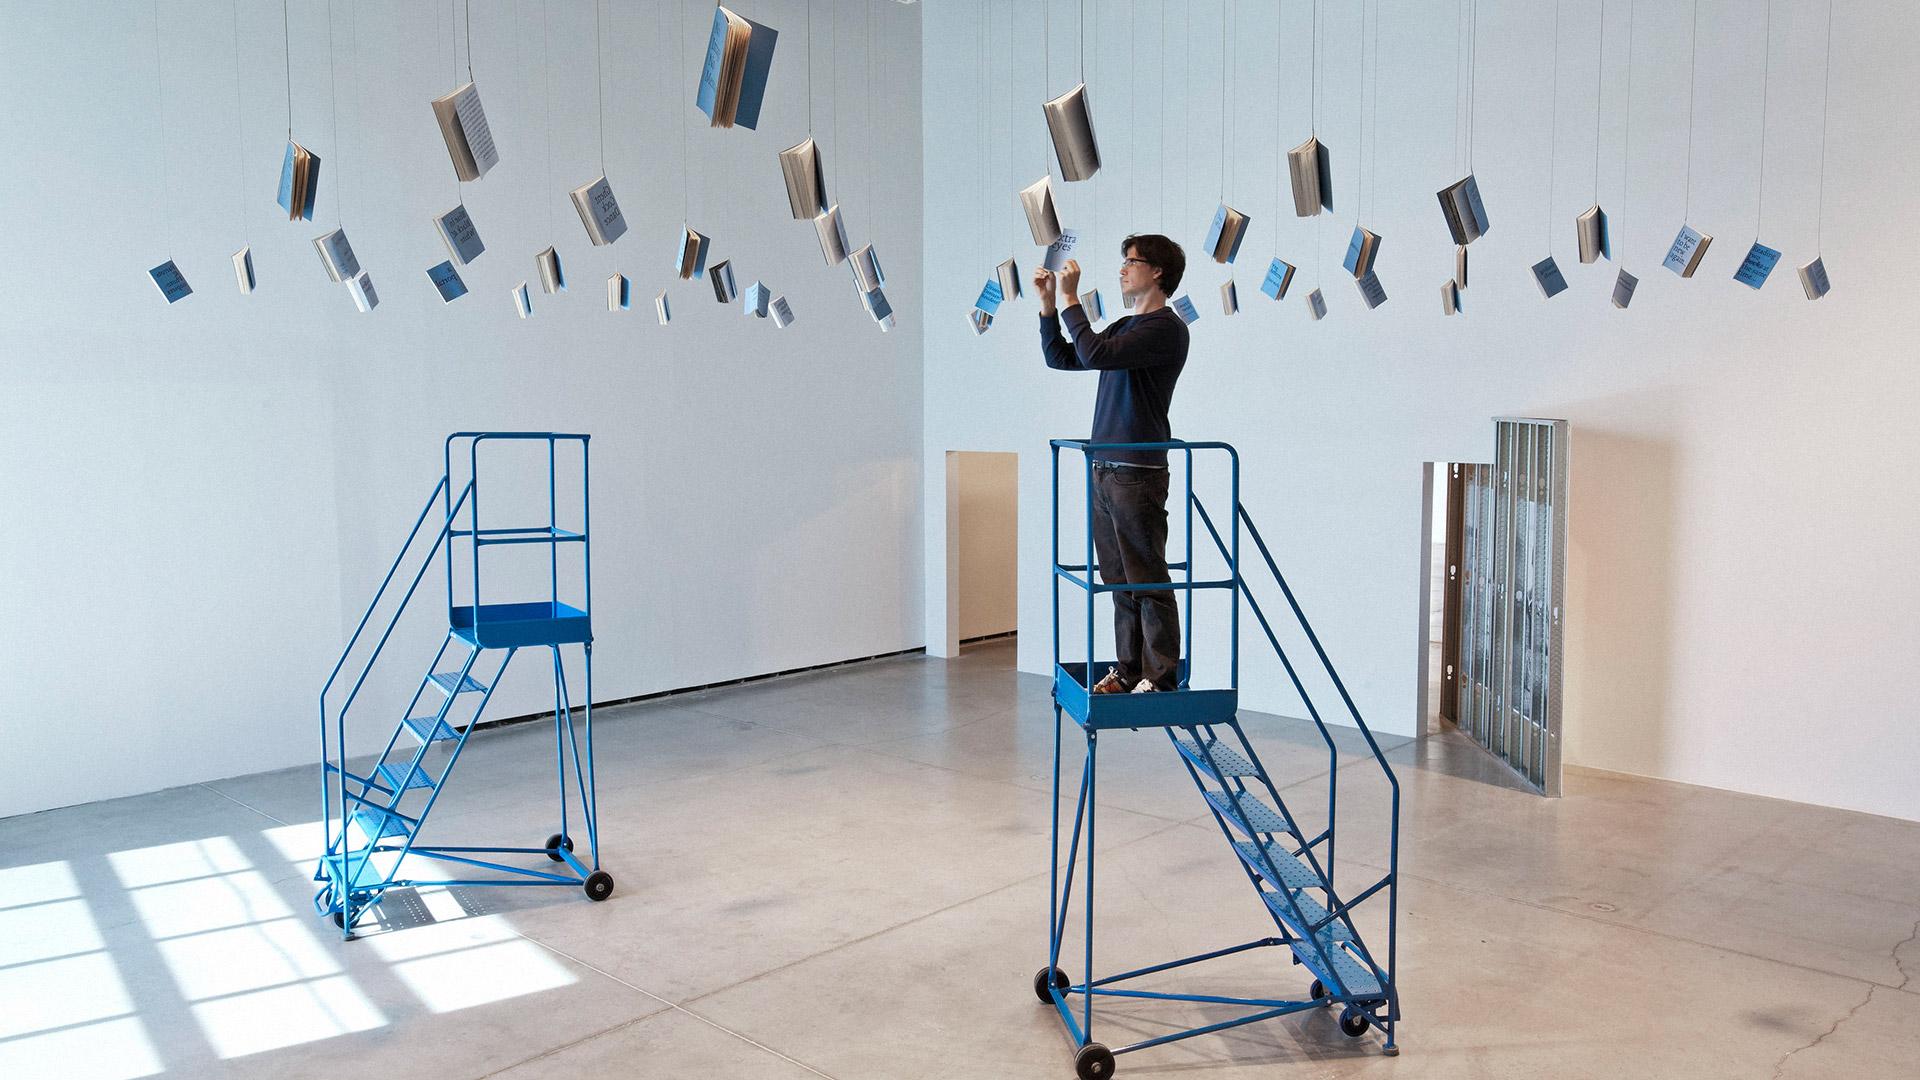 Instalatia Albatross Omnibus a artistului Derek Sullivan.